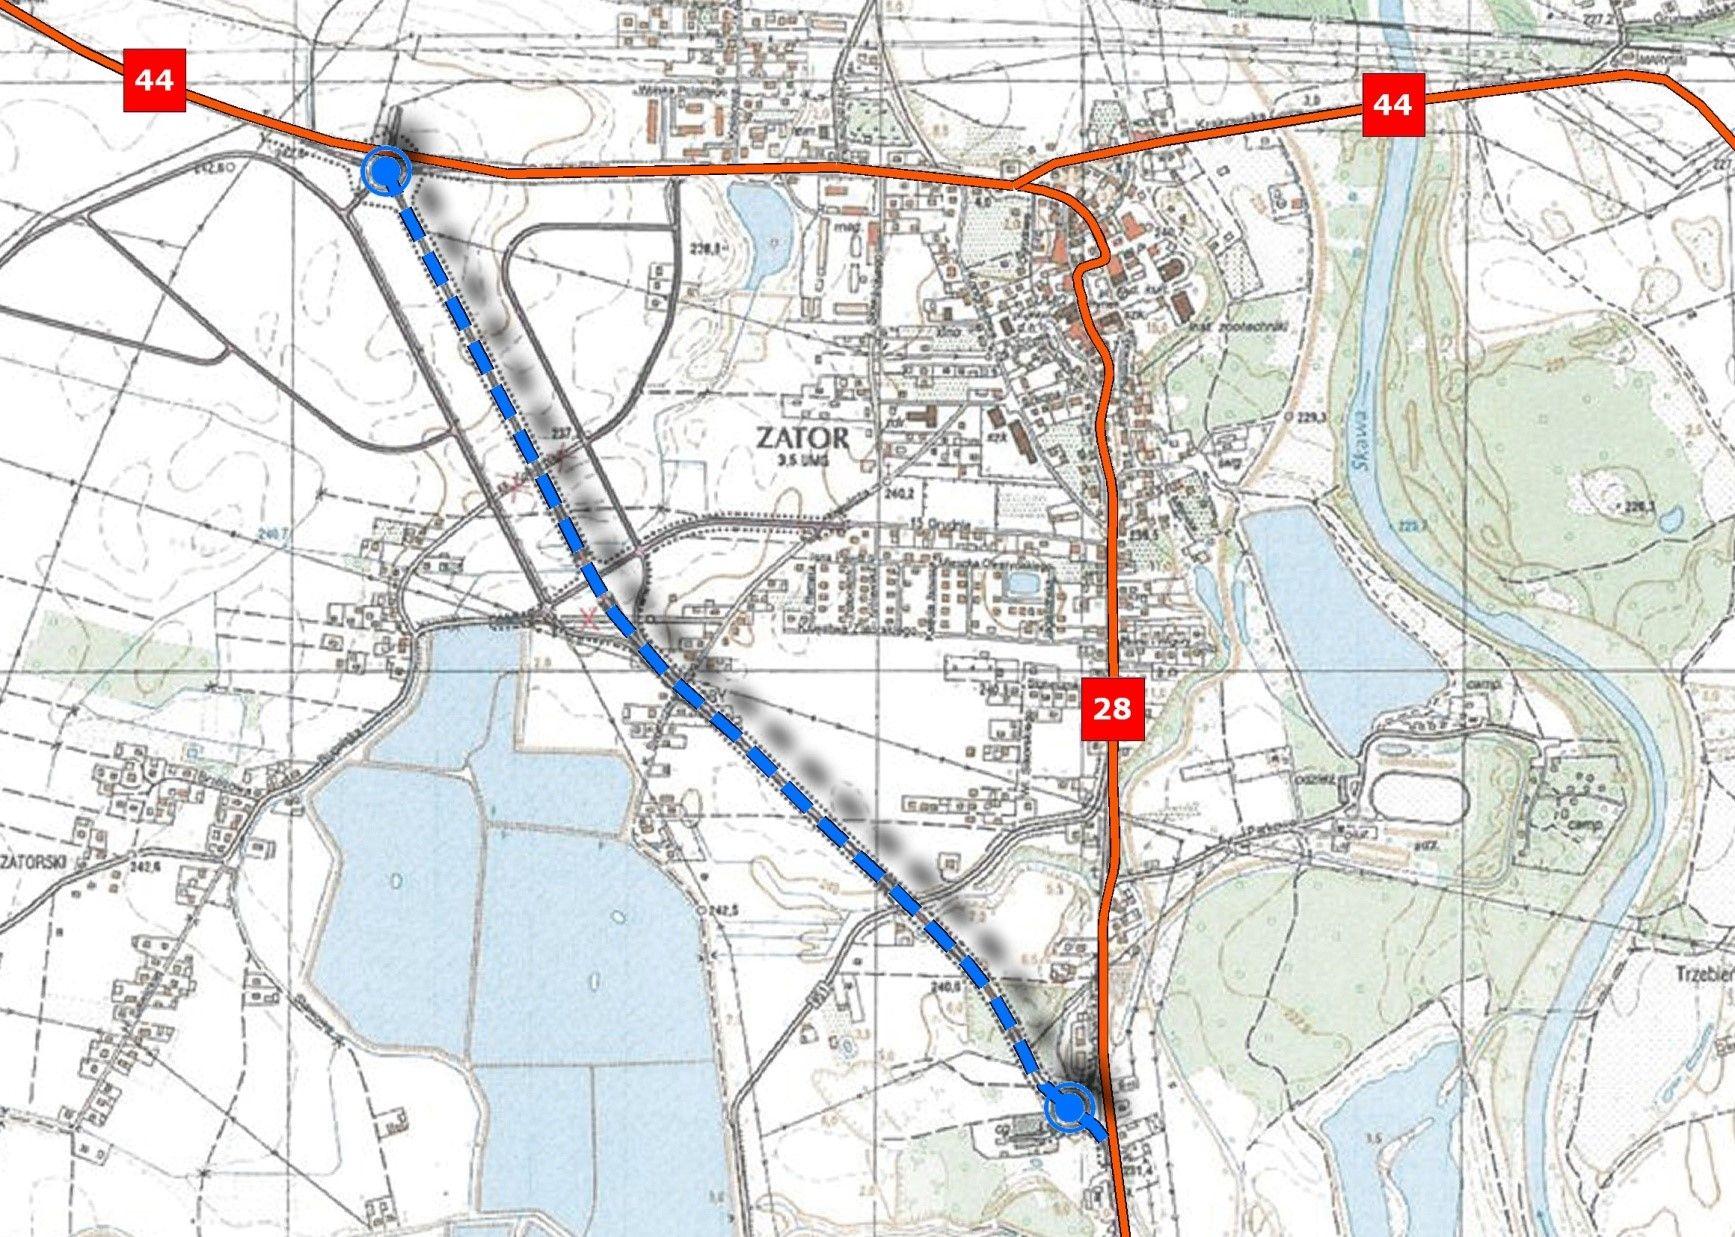 Ogłoszono przetarg na projekt i budowę obwodnicy Zatora